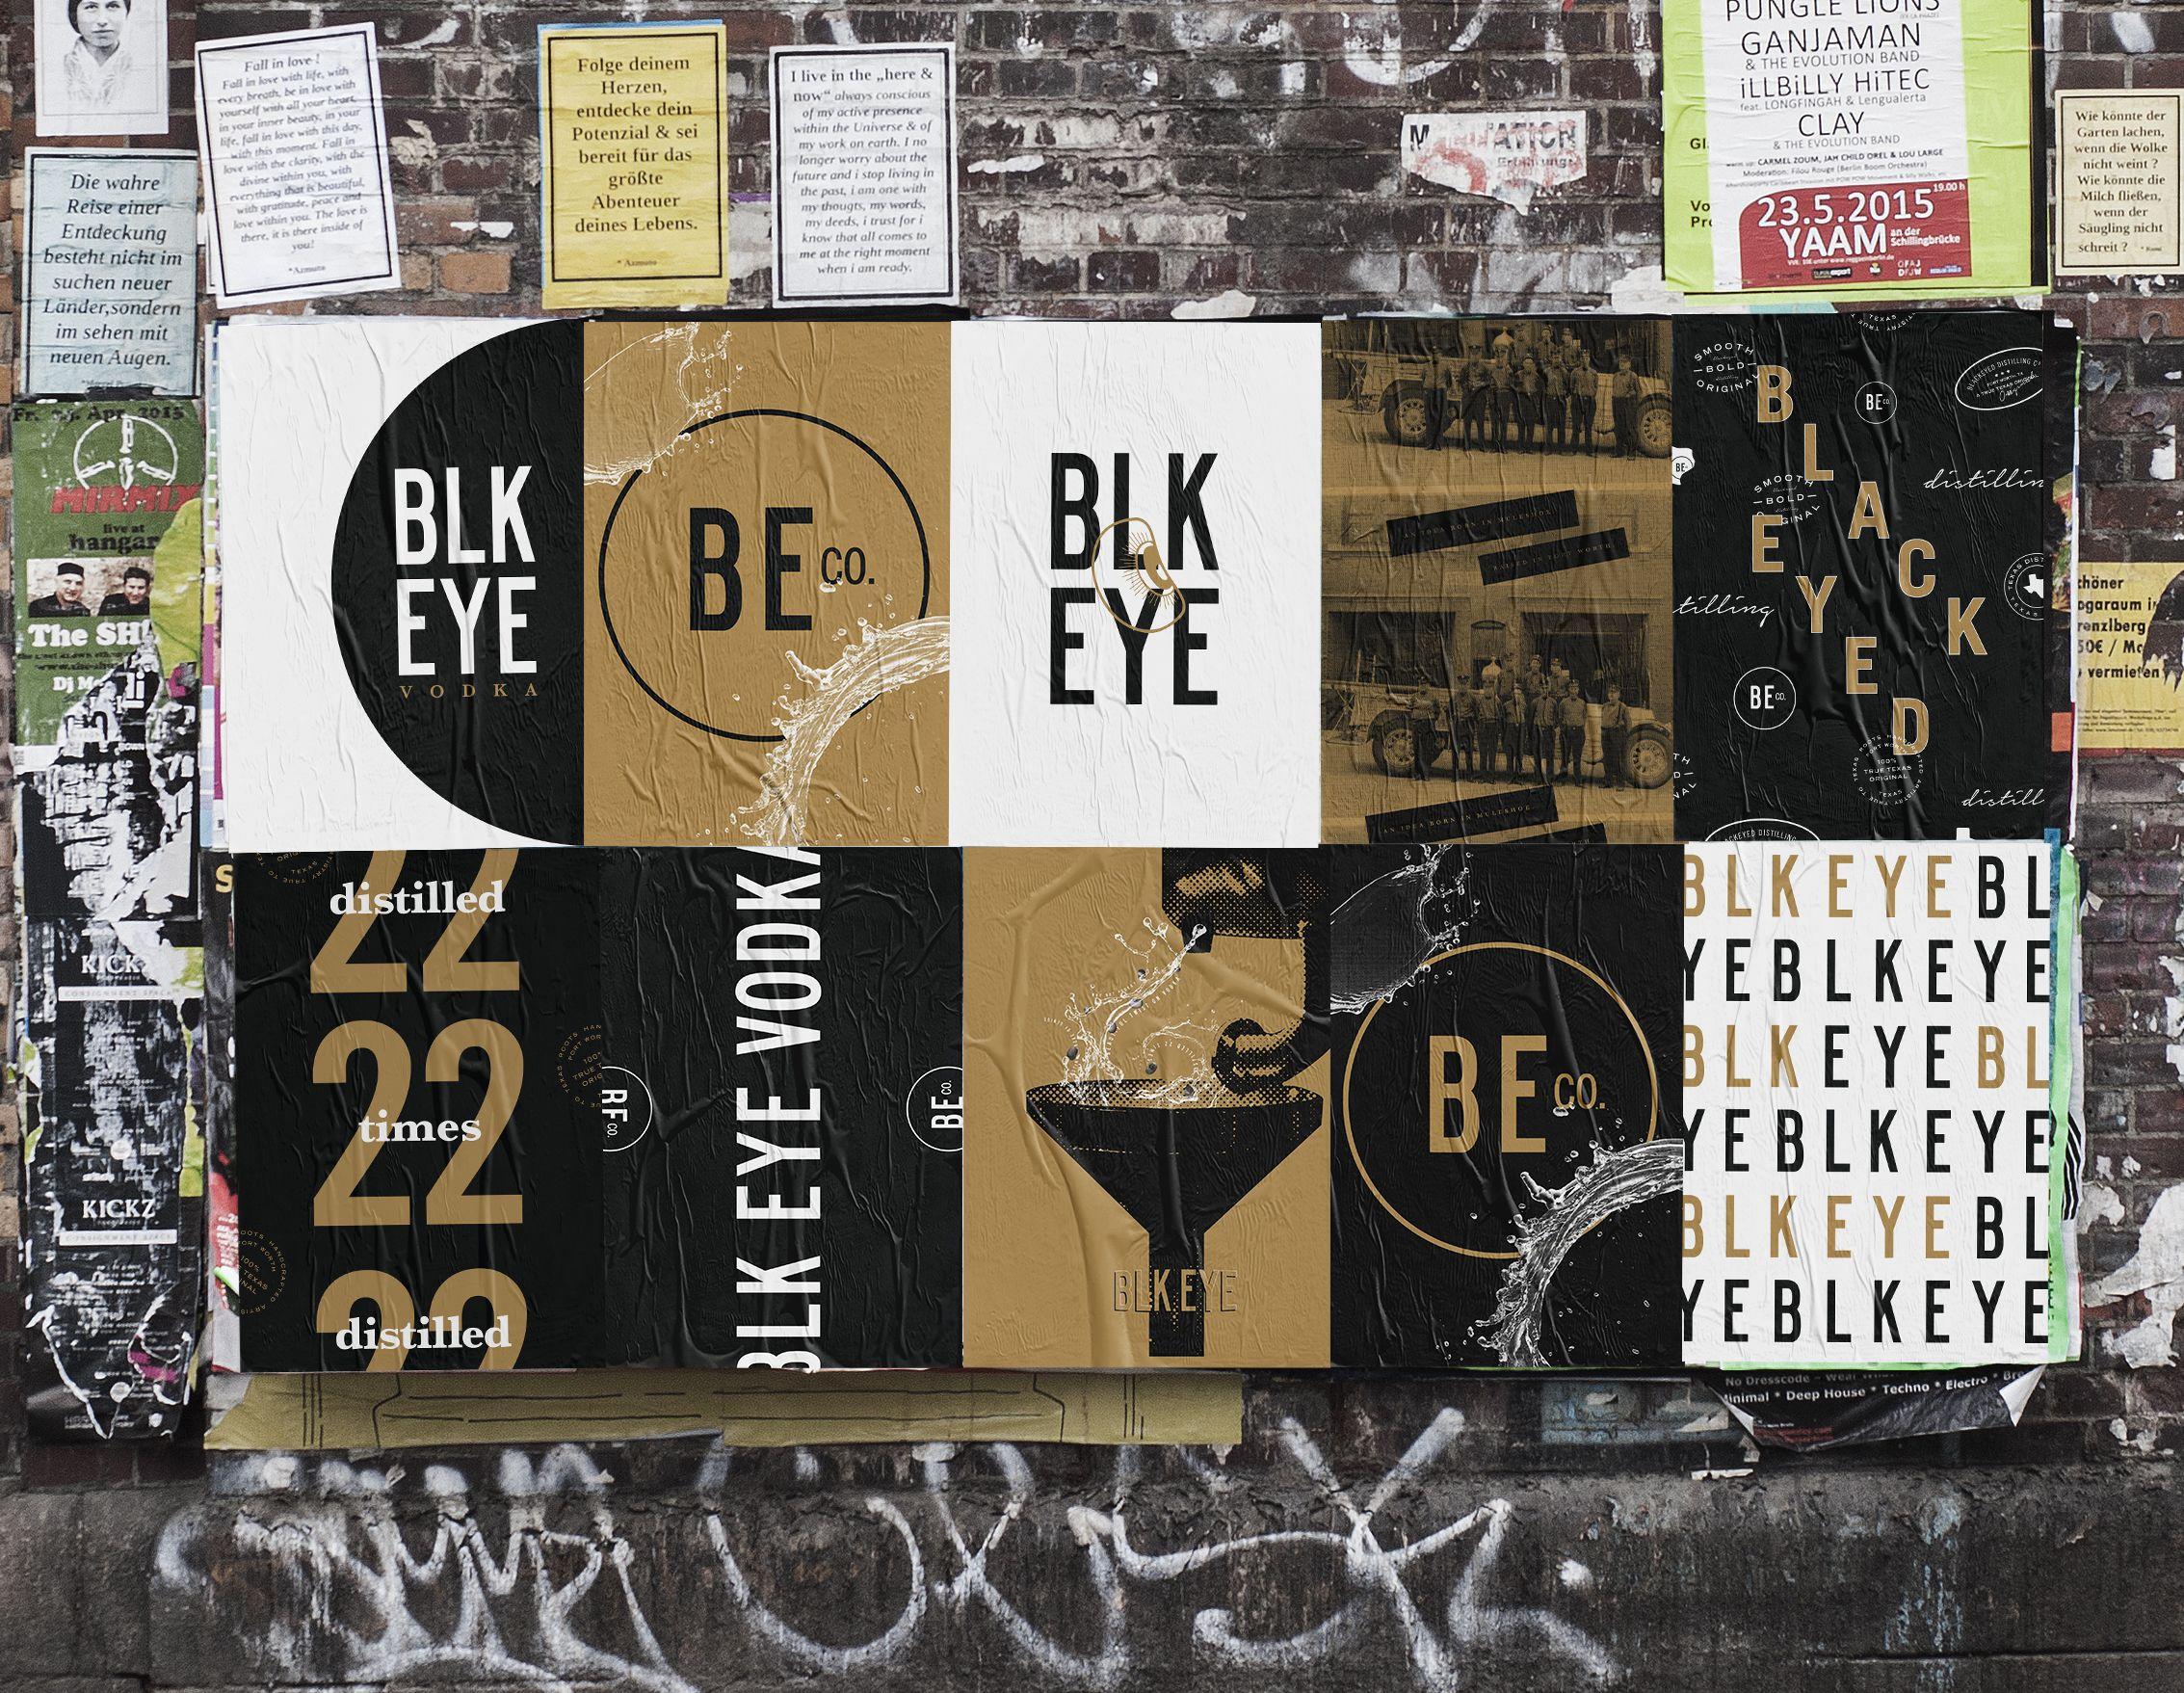 Blk Eye Urban Mockup Large Poster Design Typography Poster Poster Mockup